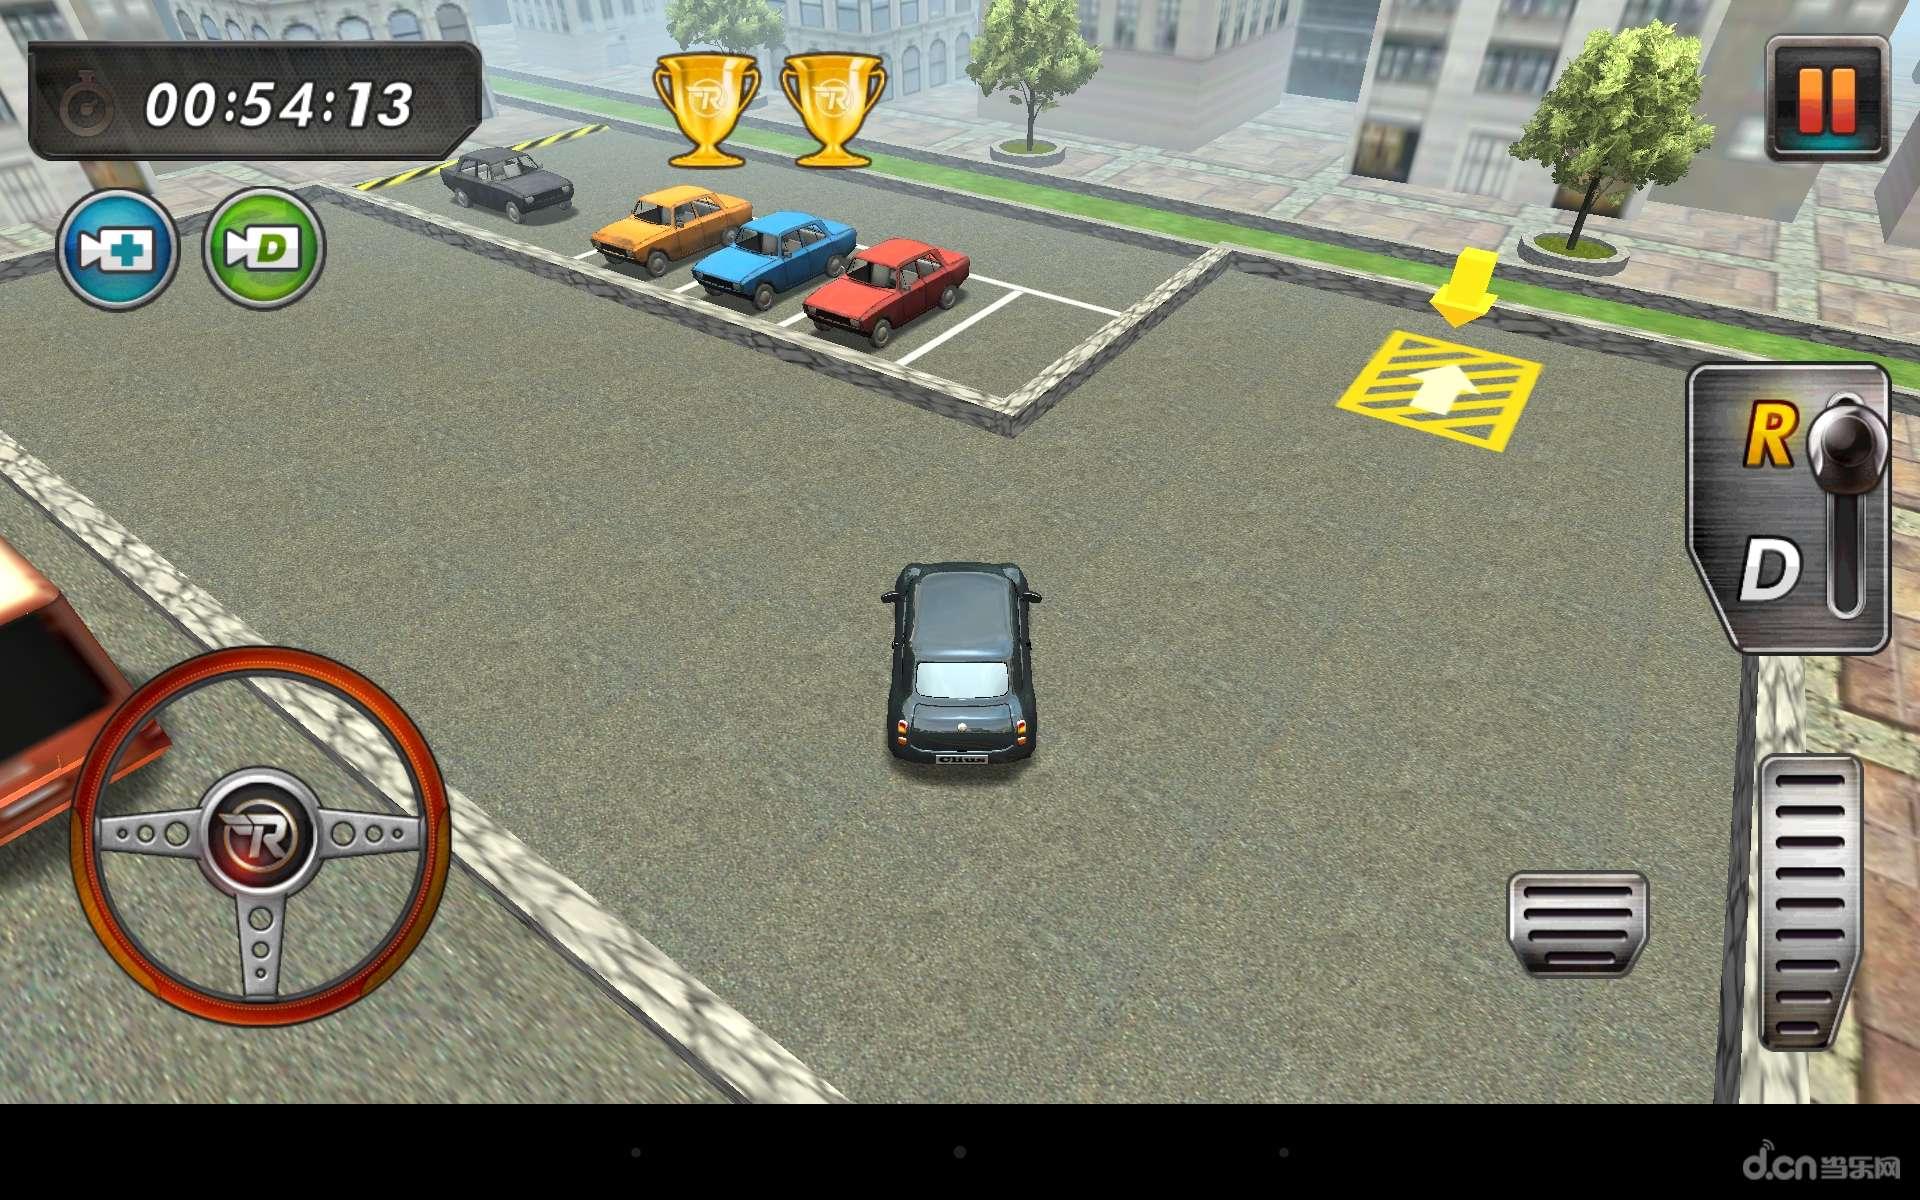 《真实停车3D RealParking3D》是一款模拟停车的游戏,玩厌了竞速游戏?来试试停车游戏吧,你需要在尽量短的时间内将车停到指定位置,会有各种各样的地形,场景,障碍等着你,游戏难度略高,停车可不是那么容易的事哦~